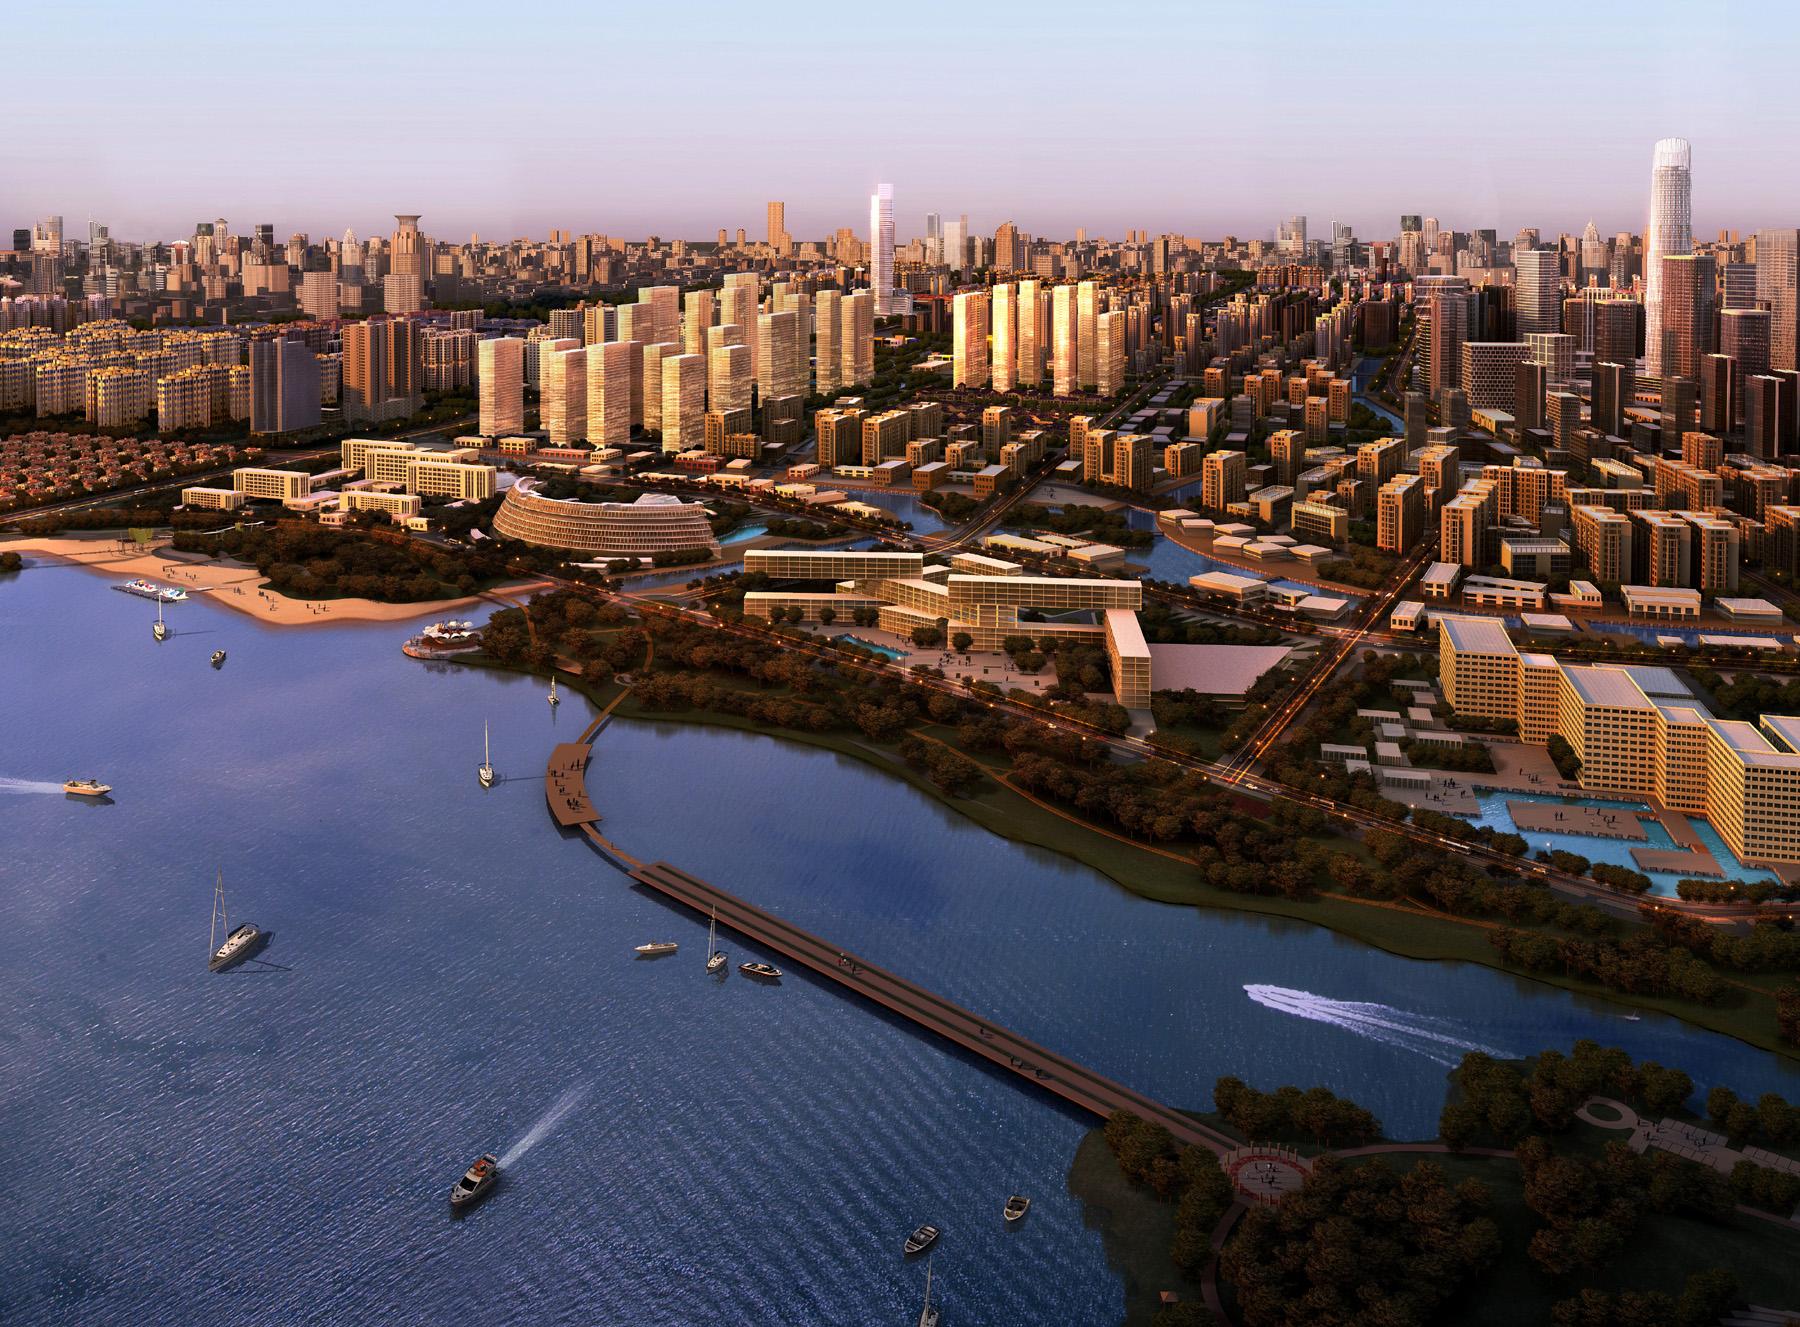 杭州视界光影像设计有限公司